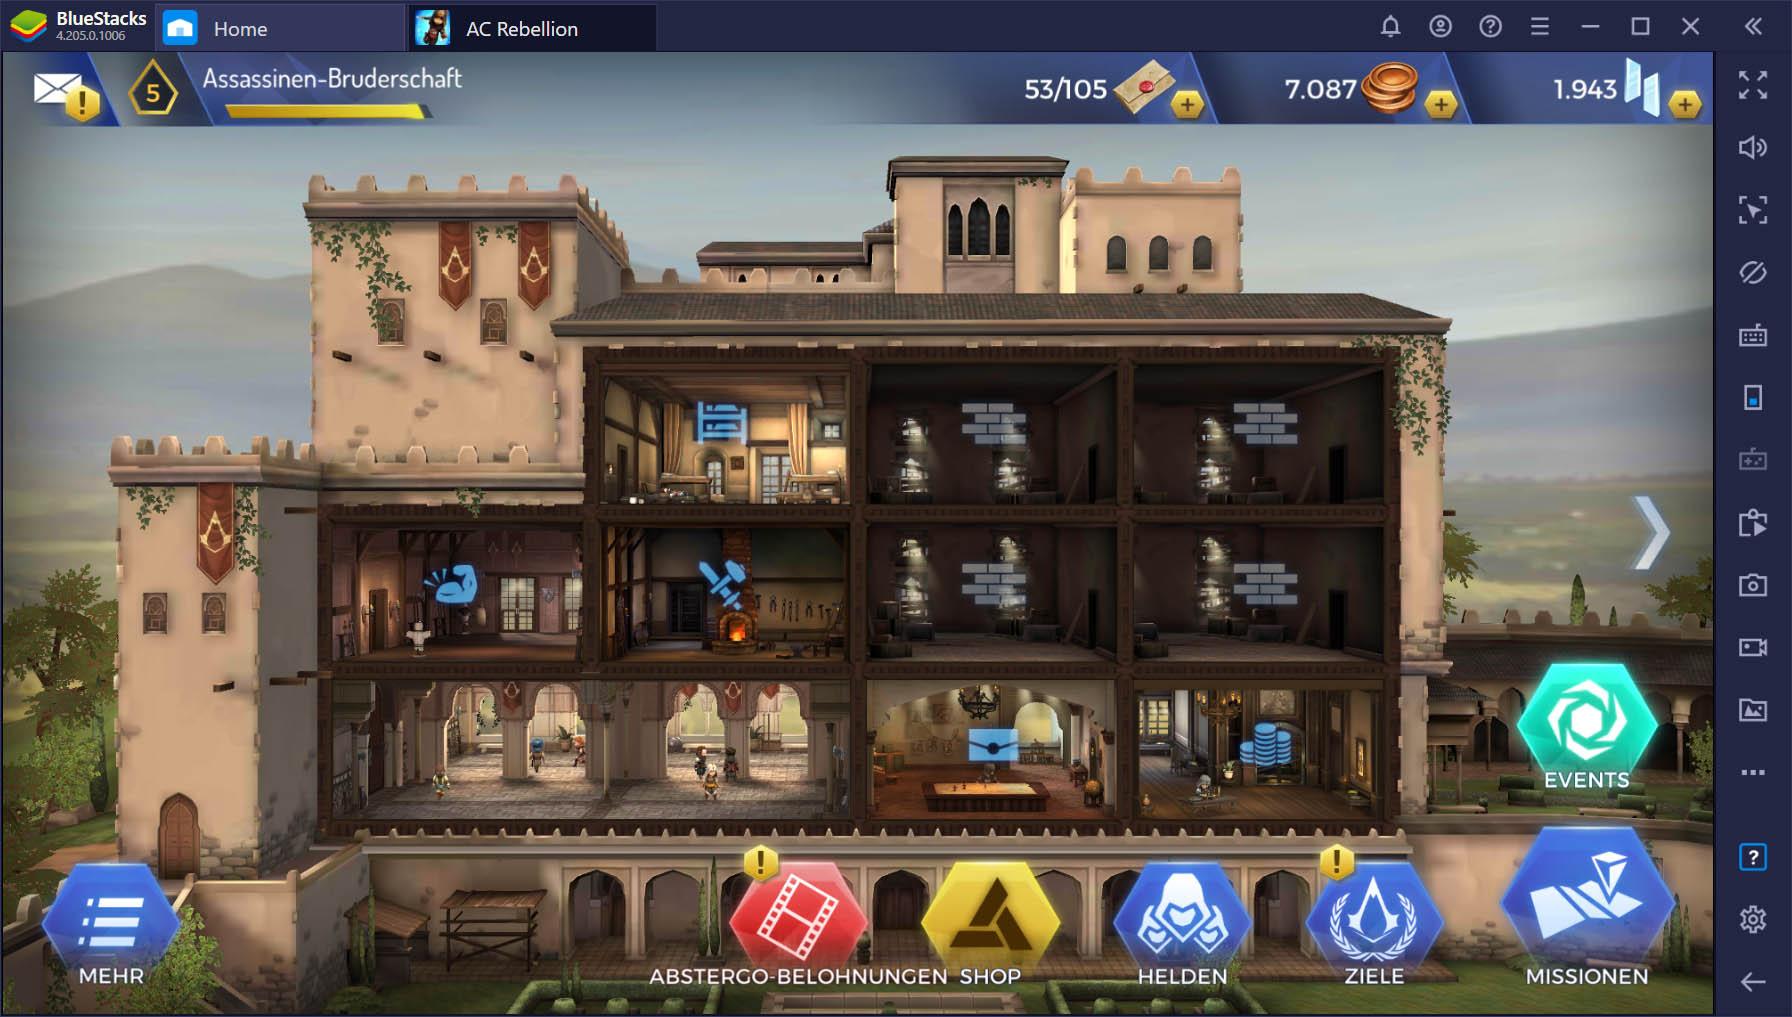 Assassin's Creed: Rebellion – Die besten Tipps und Tricks, um die Templer zu besiegen